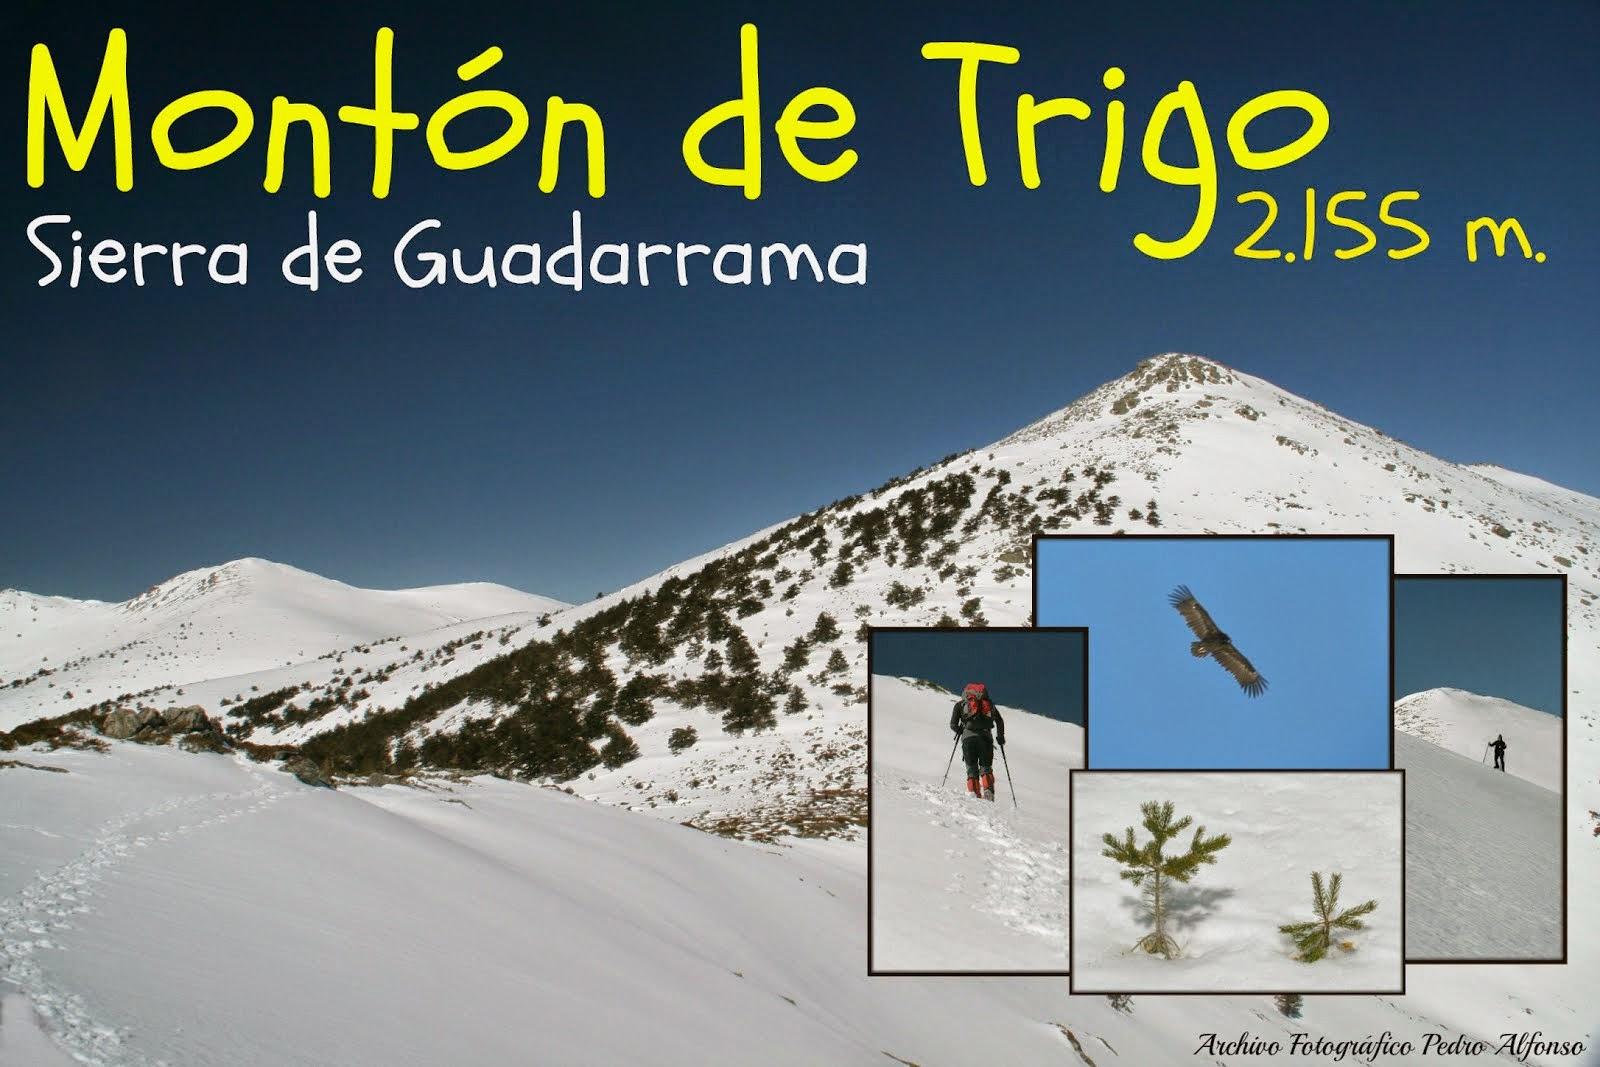 Asciende a la Sierra de Guadarrama y sus más alta cimas con el Zorro Corredero